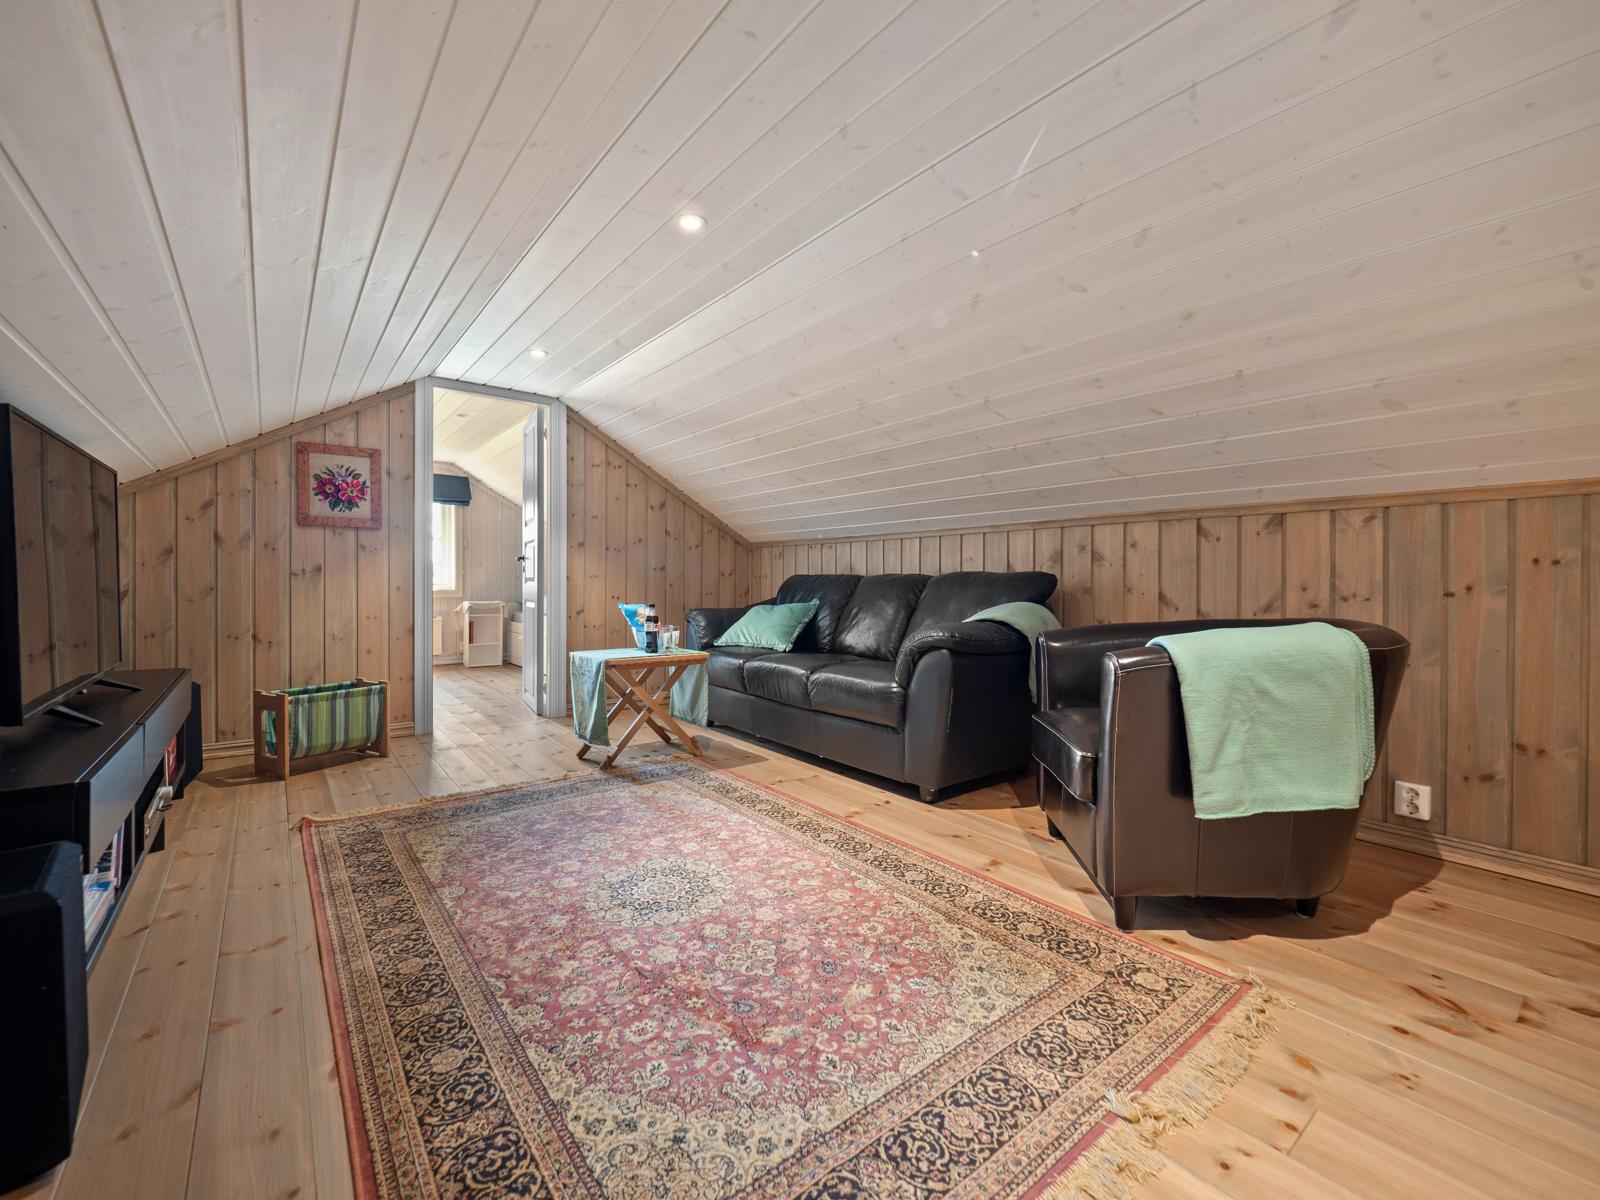 Loftetasjen har ikke målbart areal, og er ikke tatt inn i opplyst areal. Gulvarealet i loftetasjen er oppmålt til ca. 42 kvm.